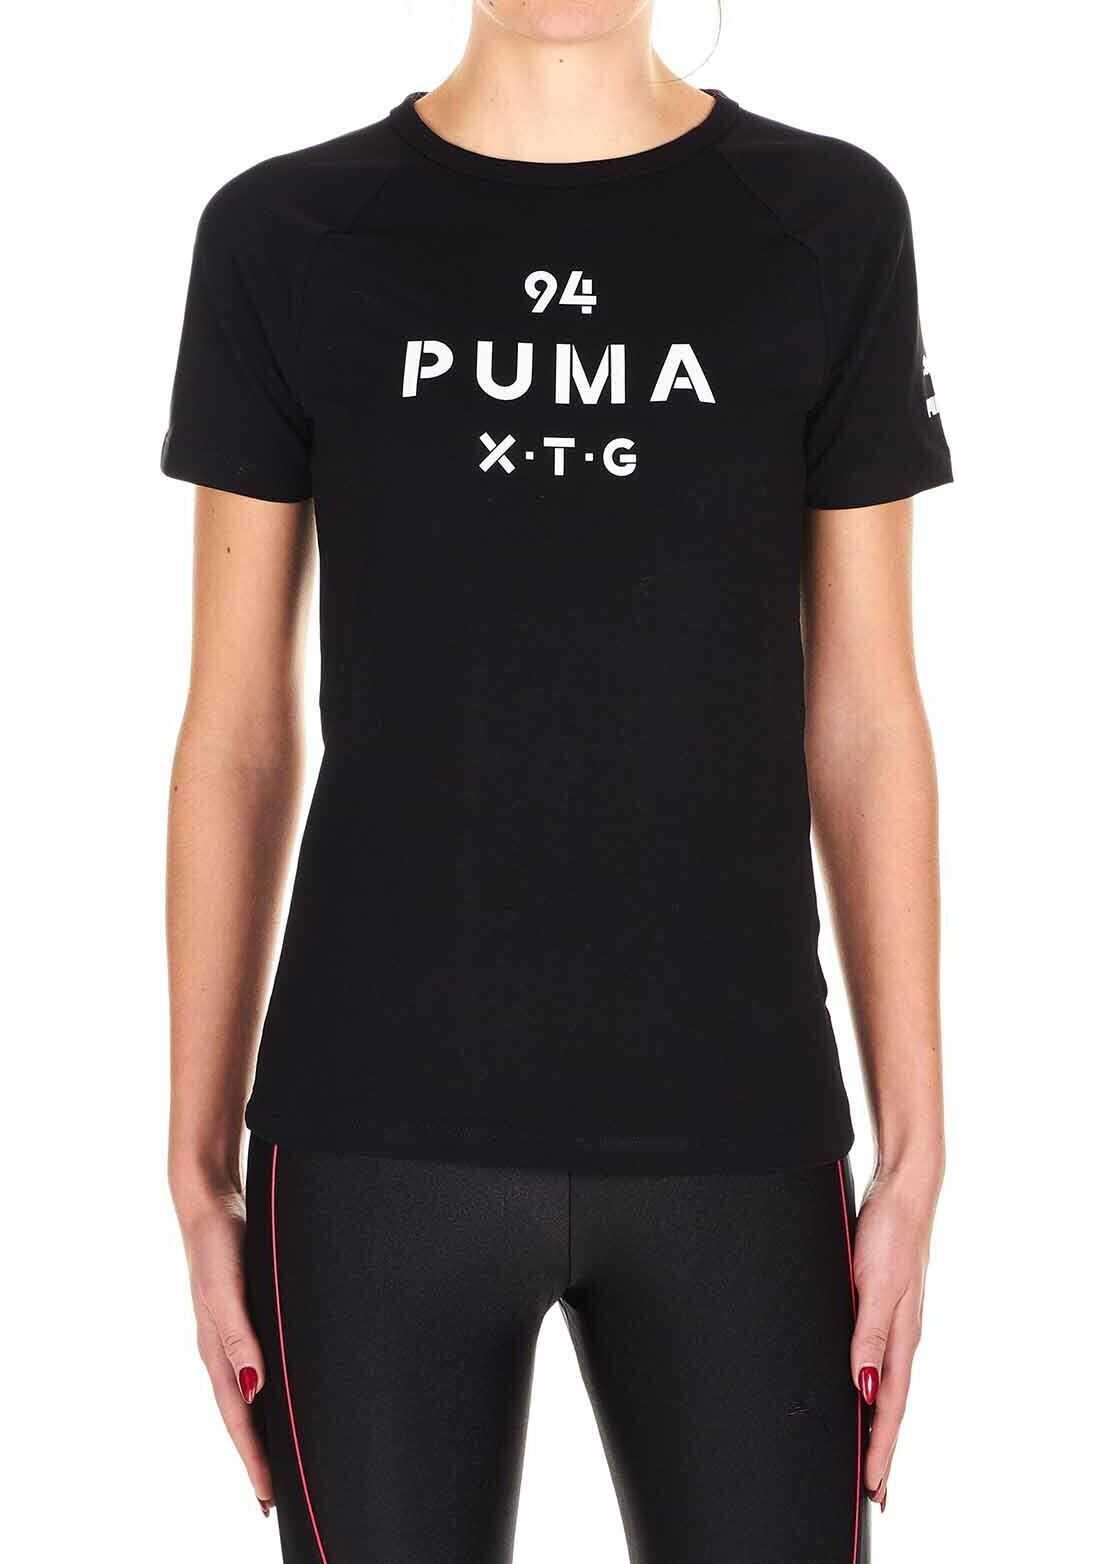 PUMA XTG Graphic Top Black